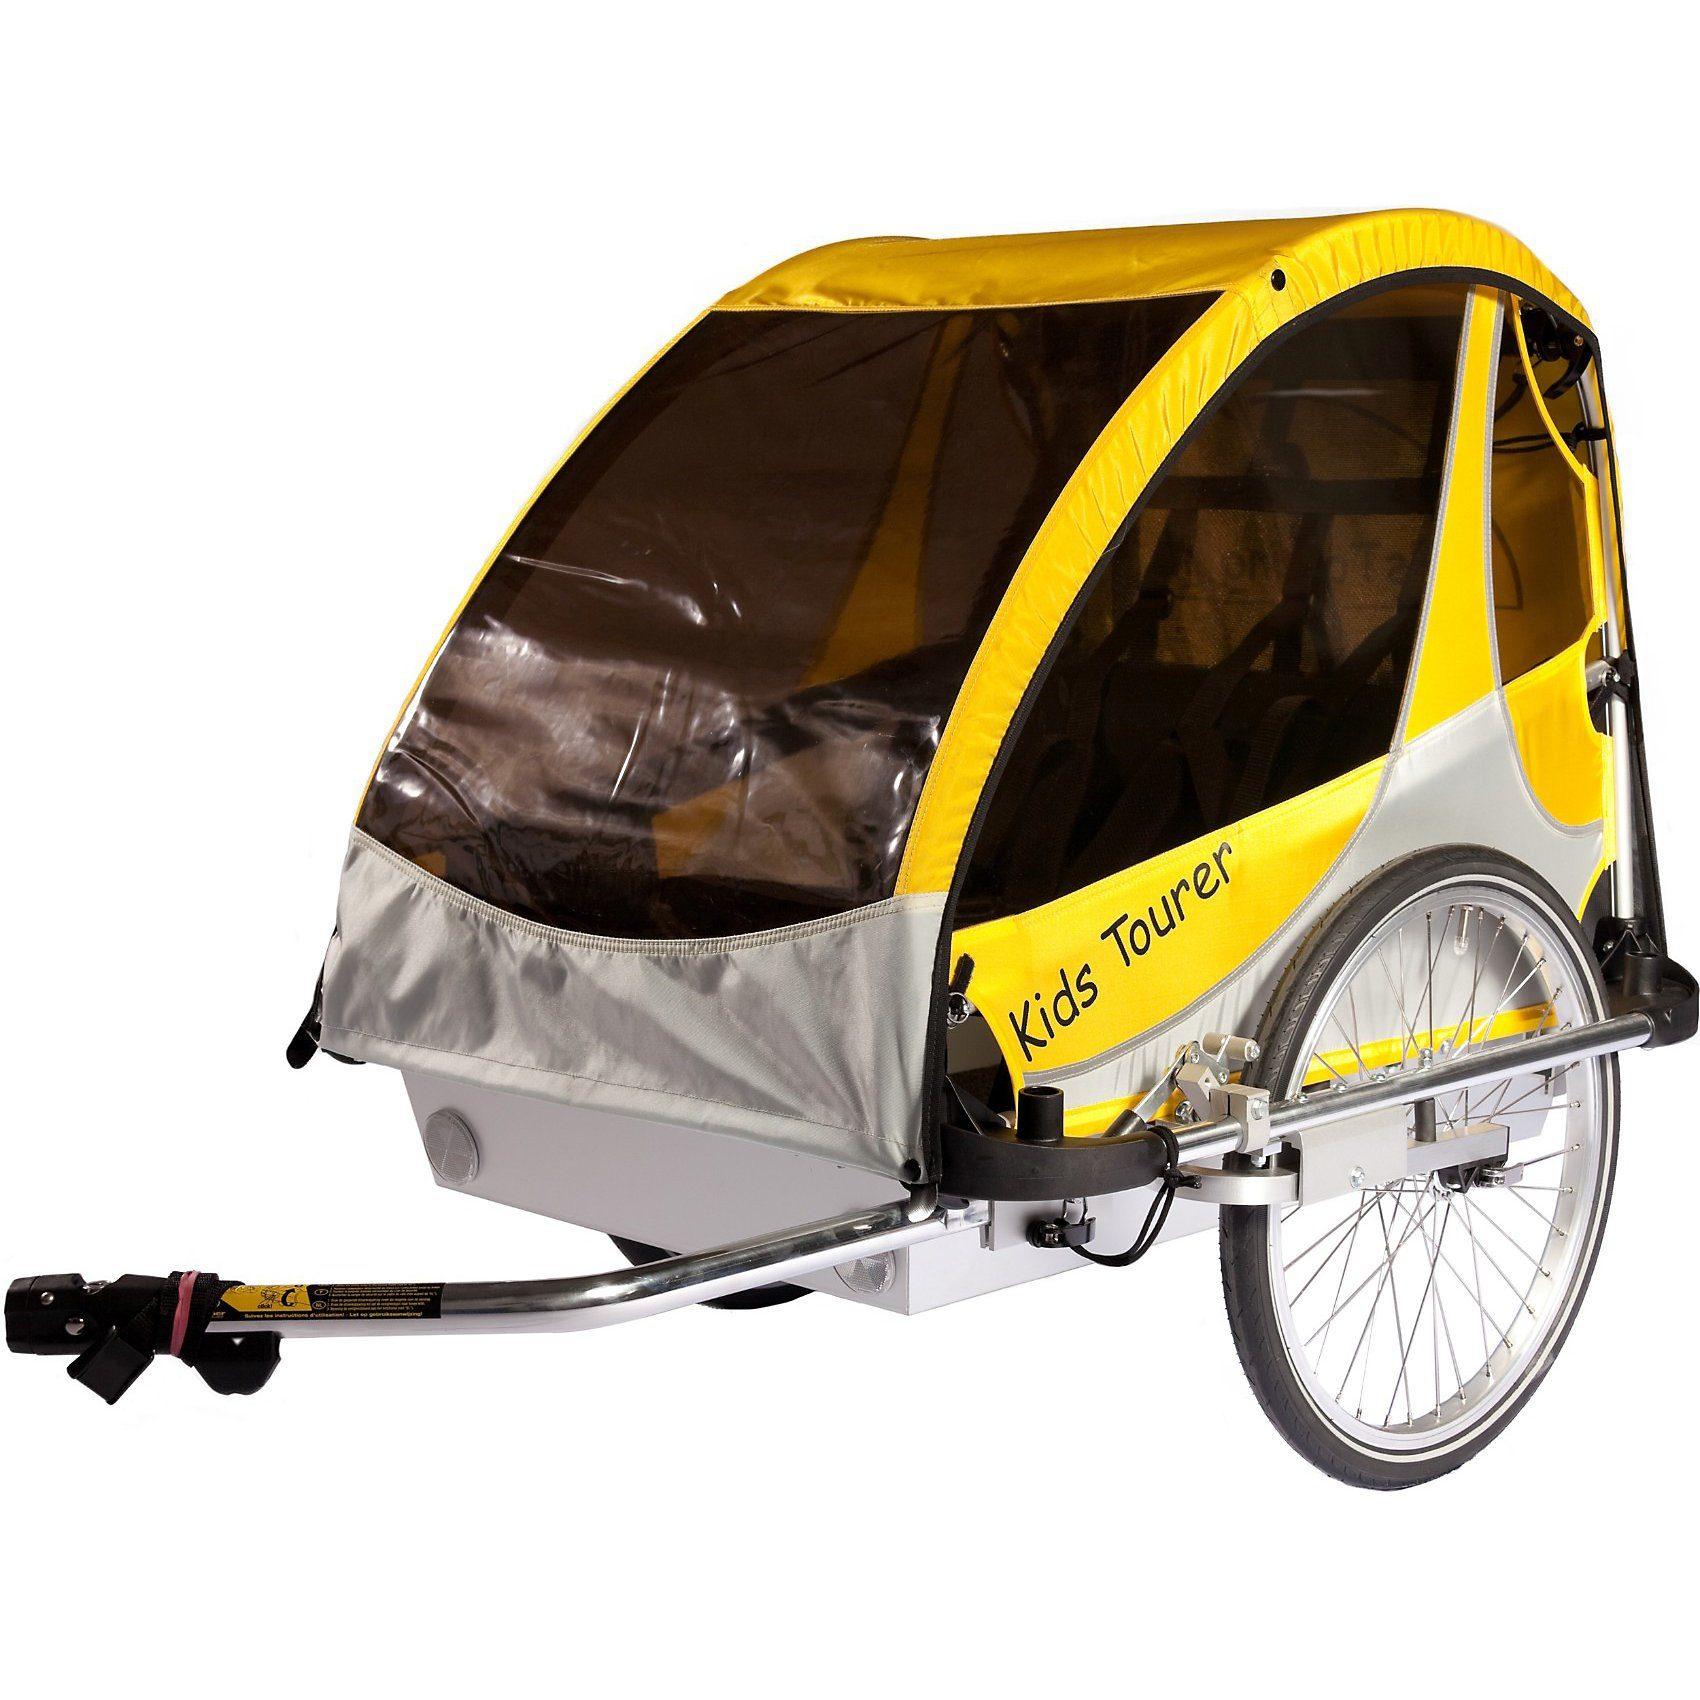 Kids Touring Fahrradanhänger Kid's Tourer L2, gelb/silber